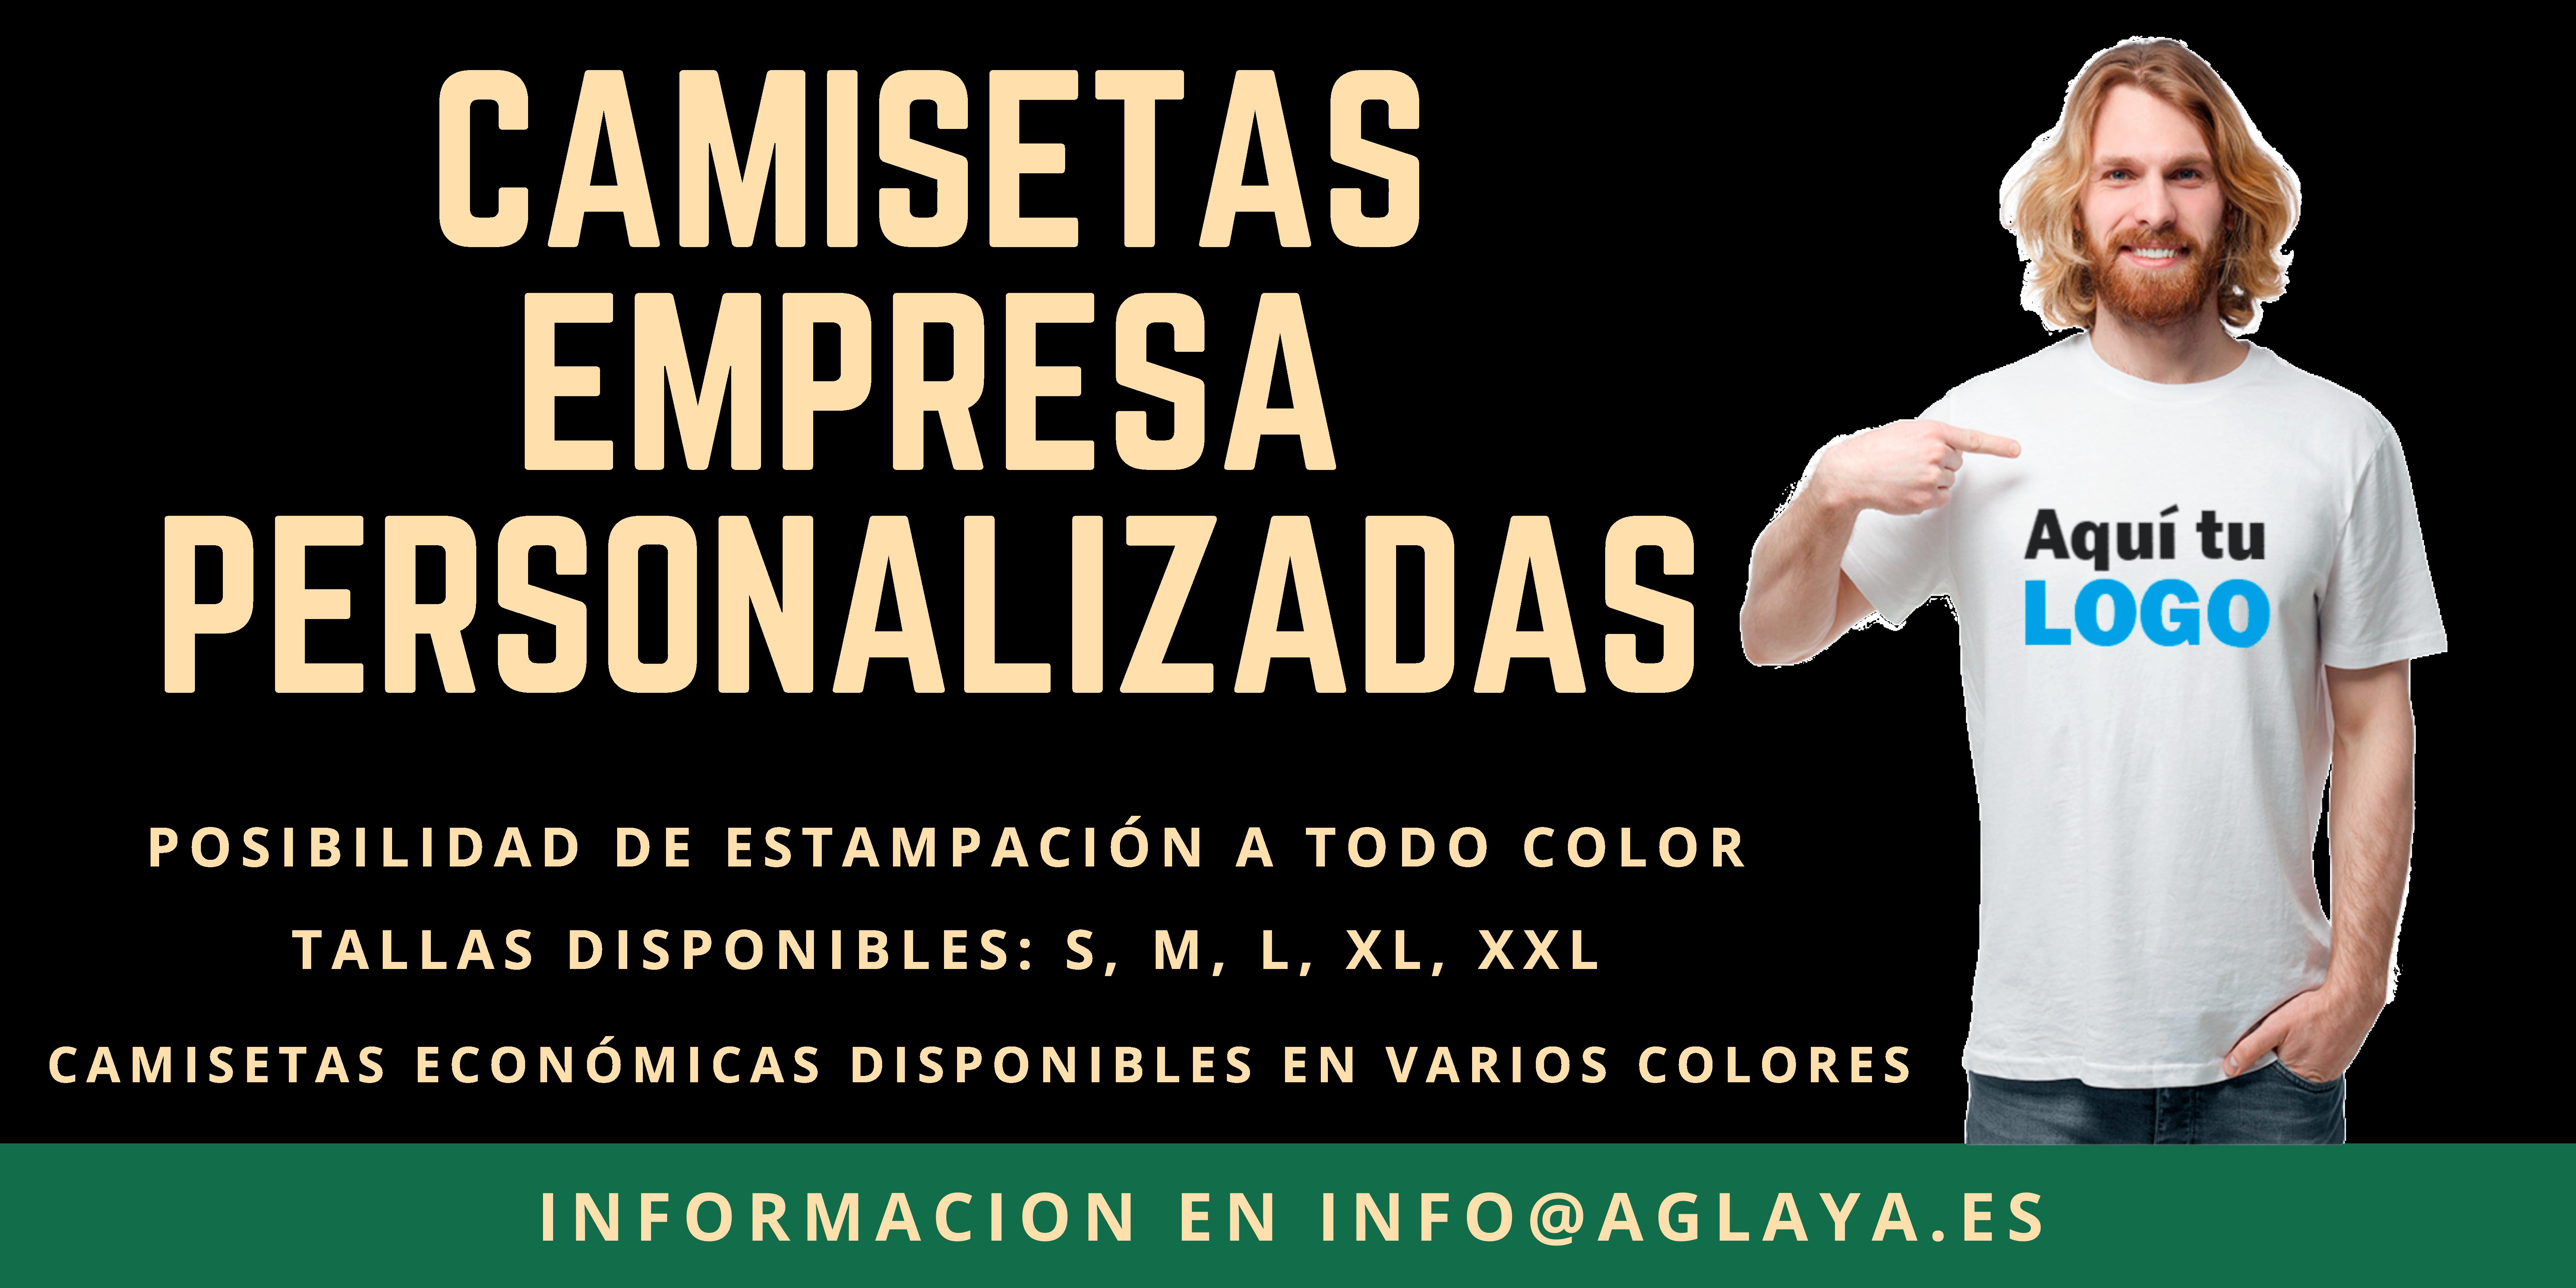 Informacion en INFO@AGLAYA.ES